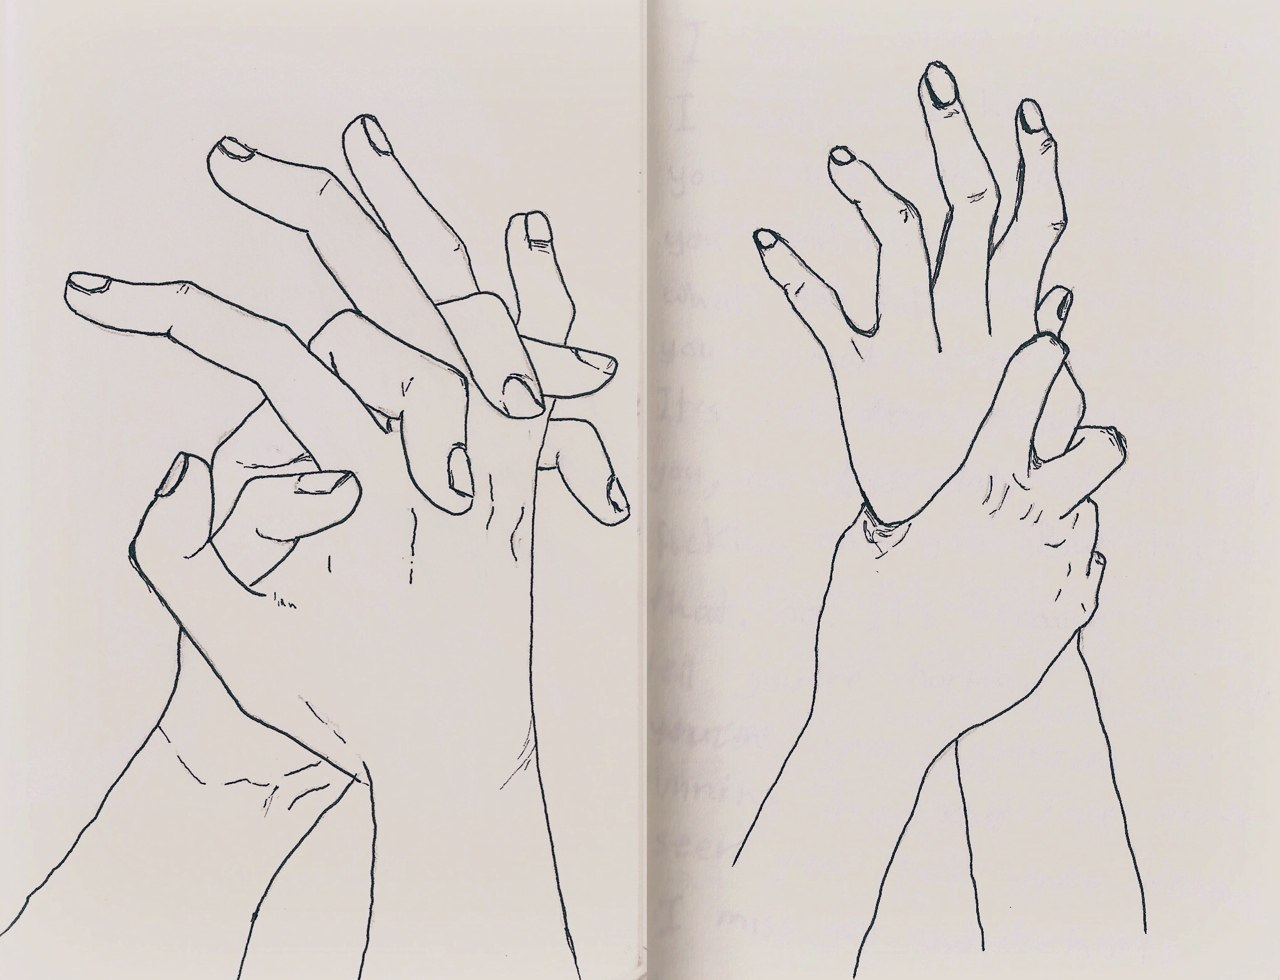 Рисунки в скетчбук про любовь